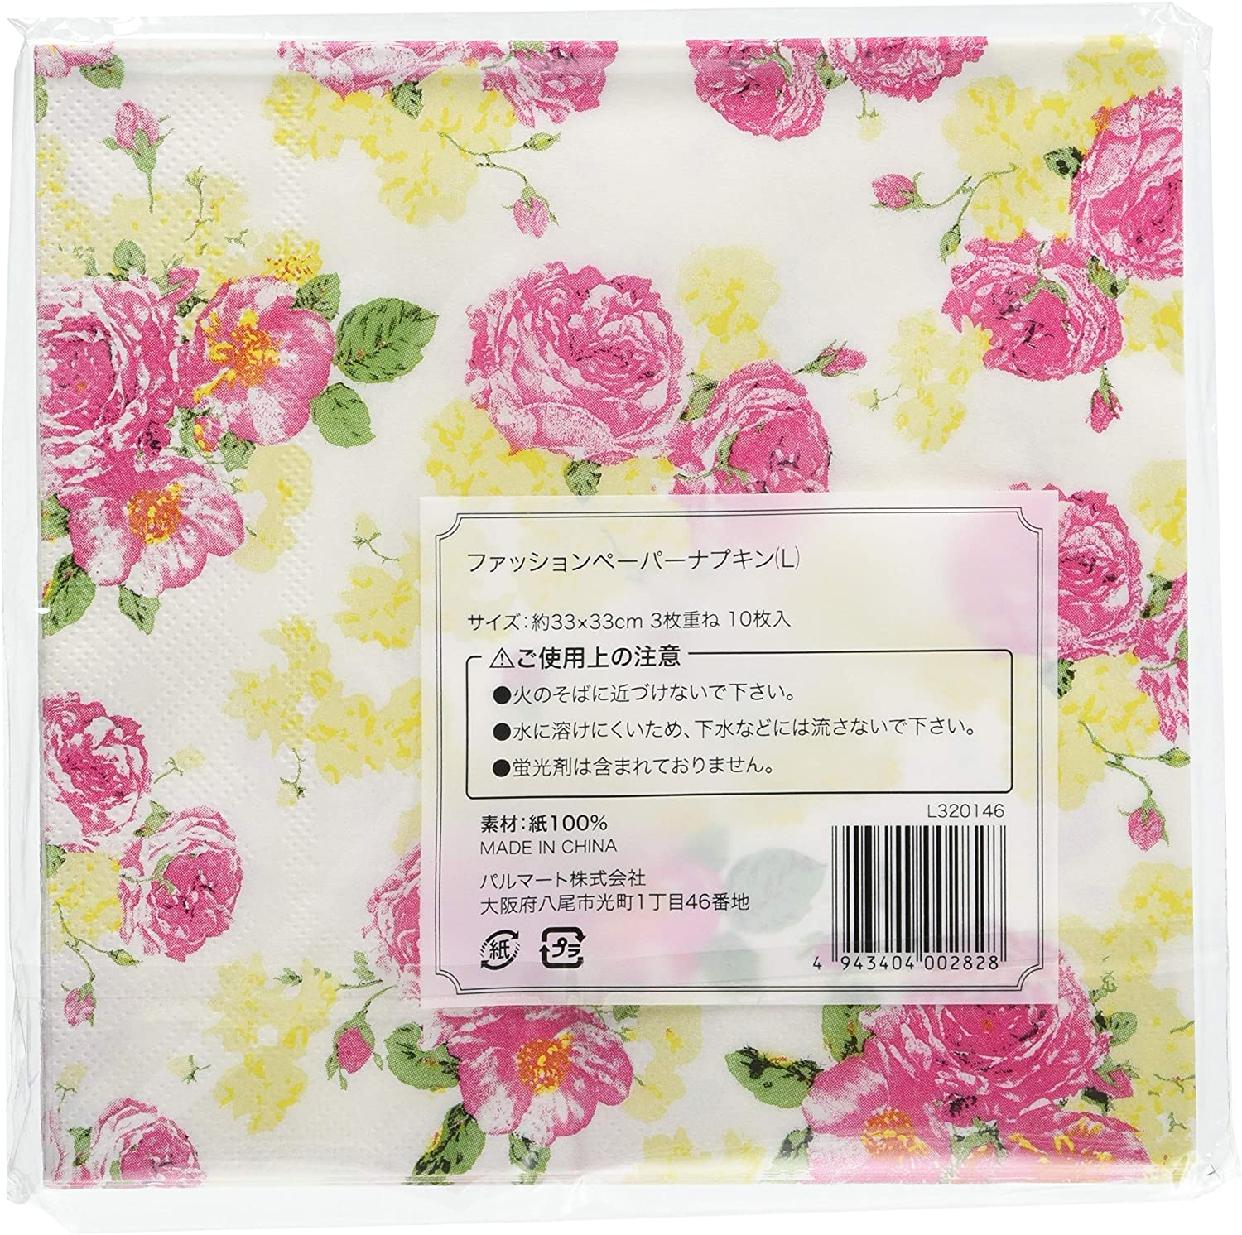 パルマート ファッションペーパーナプキンの商品画像2